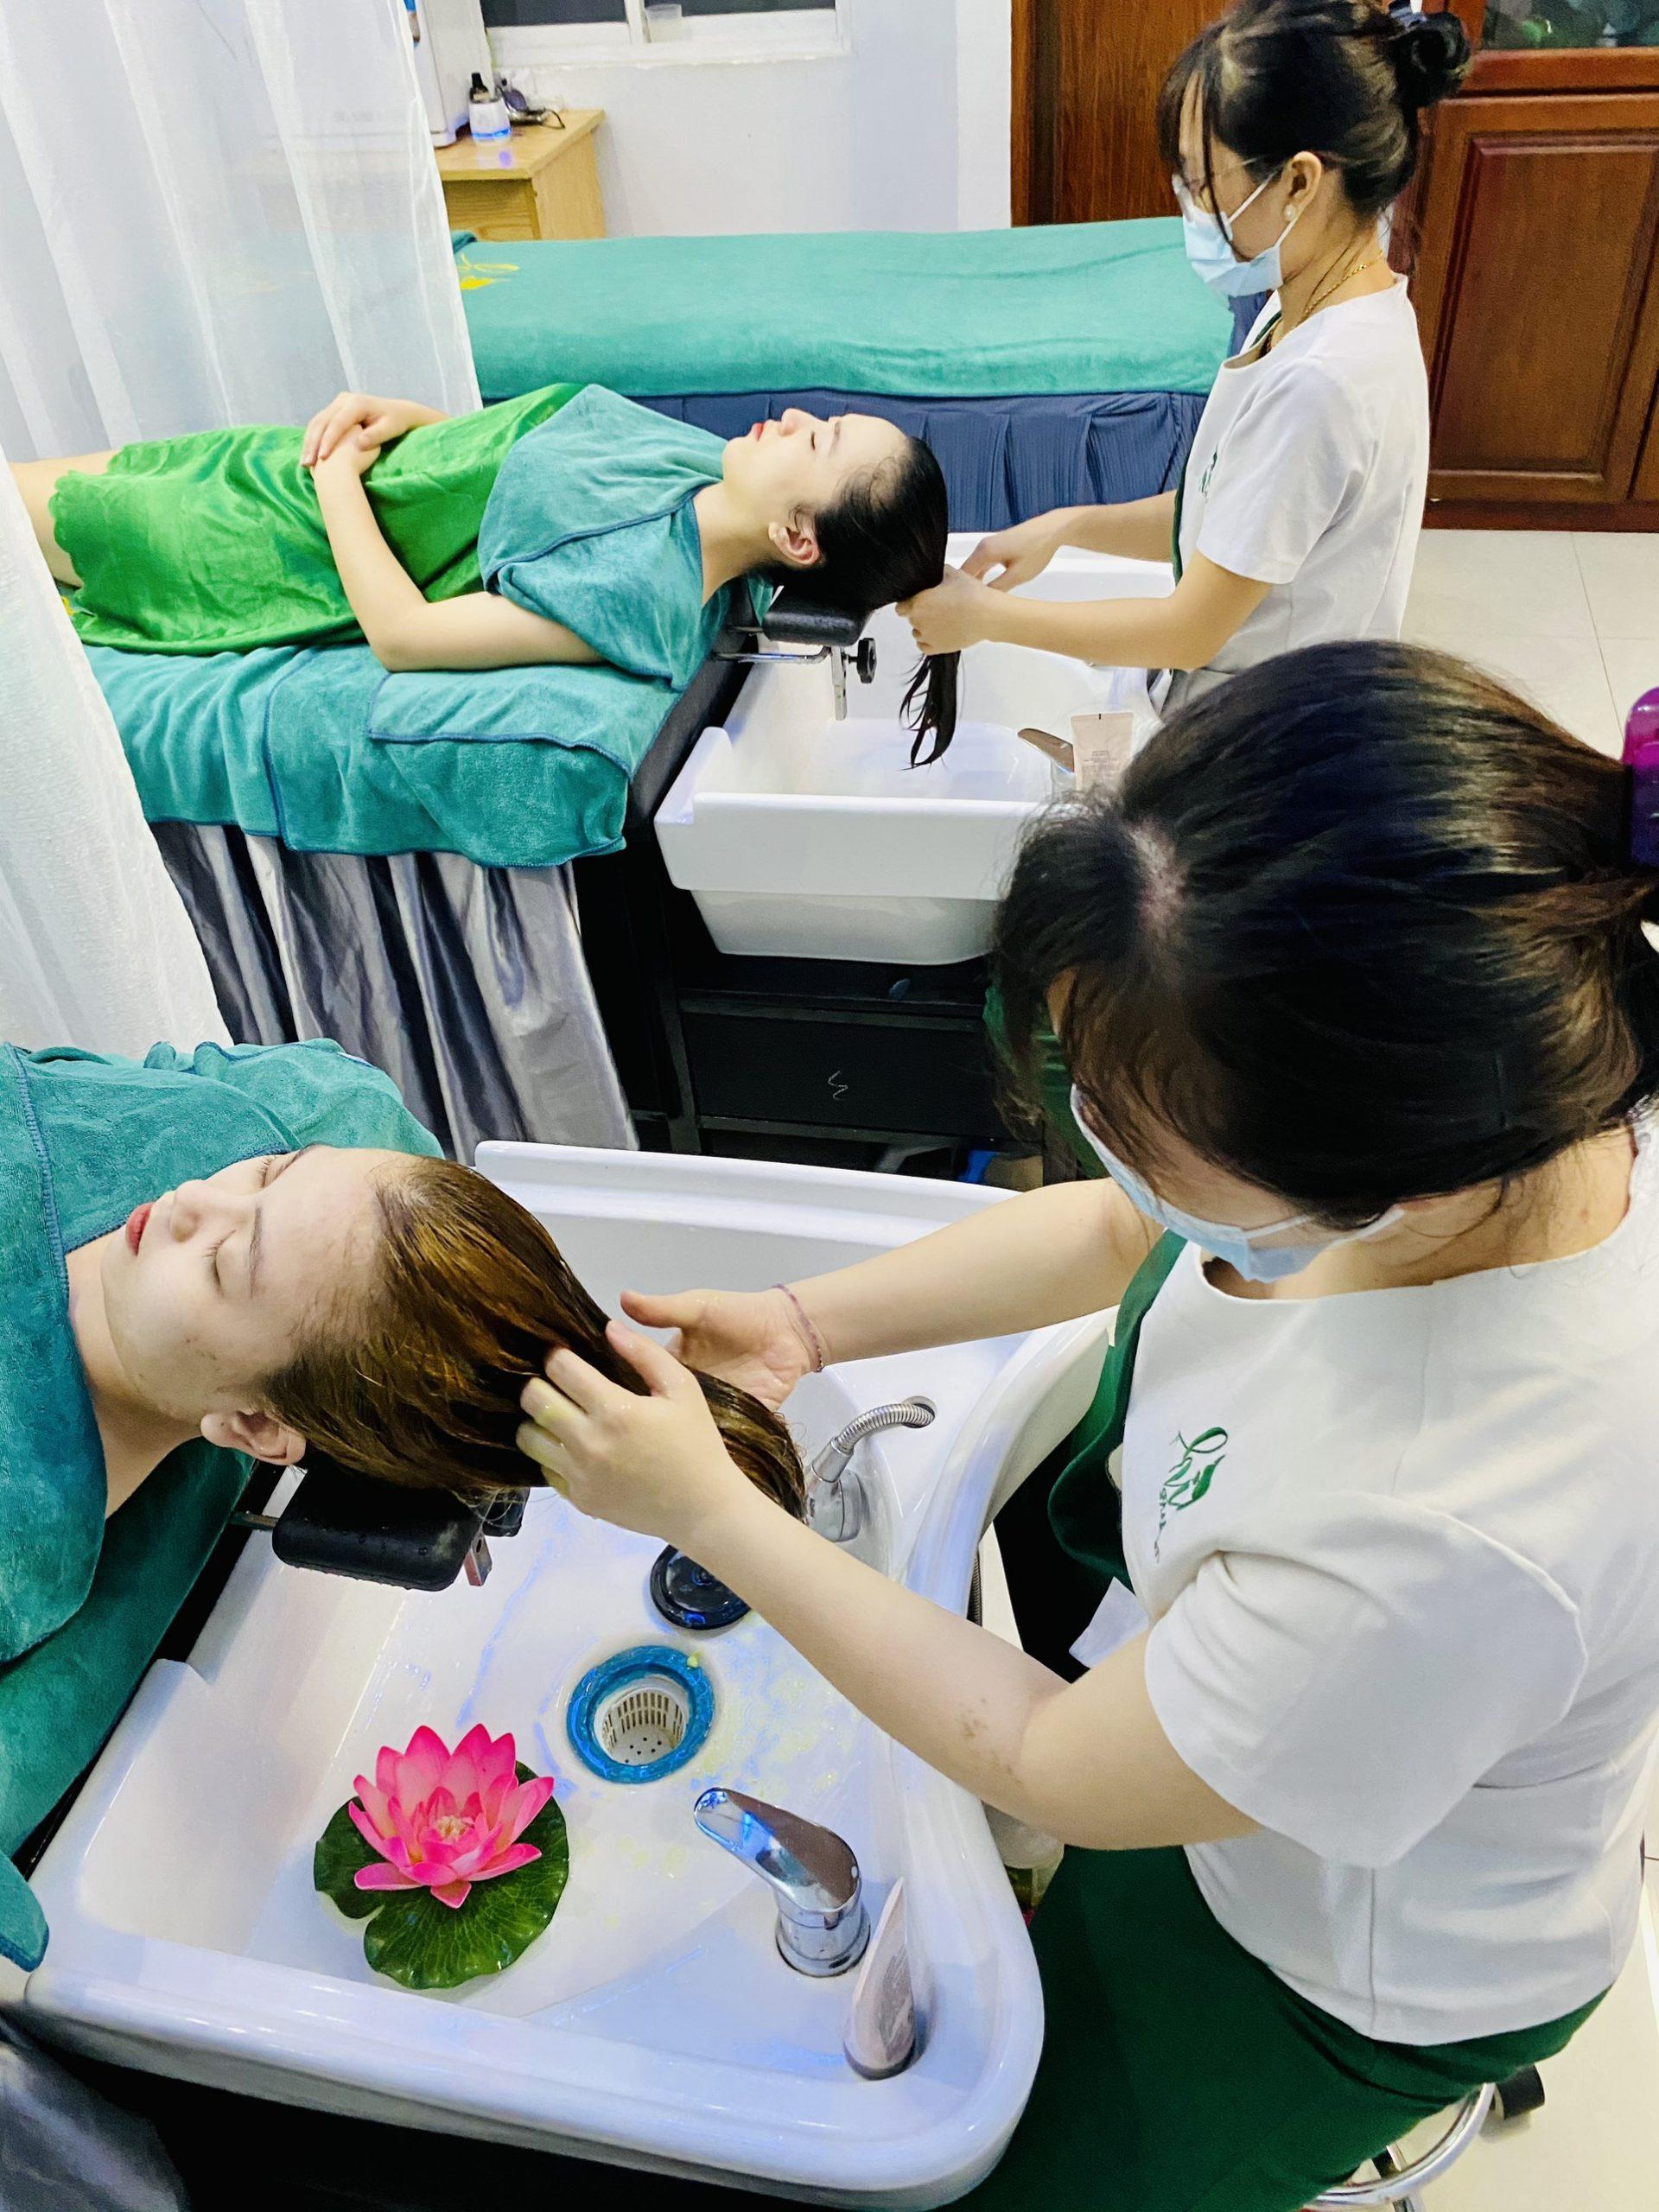 Gội đầu thảo mộc giúp phái nữ lấy lại vẻ đẹp mái tóc